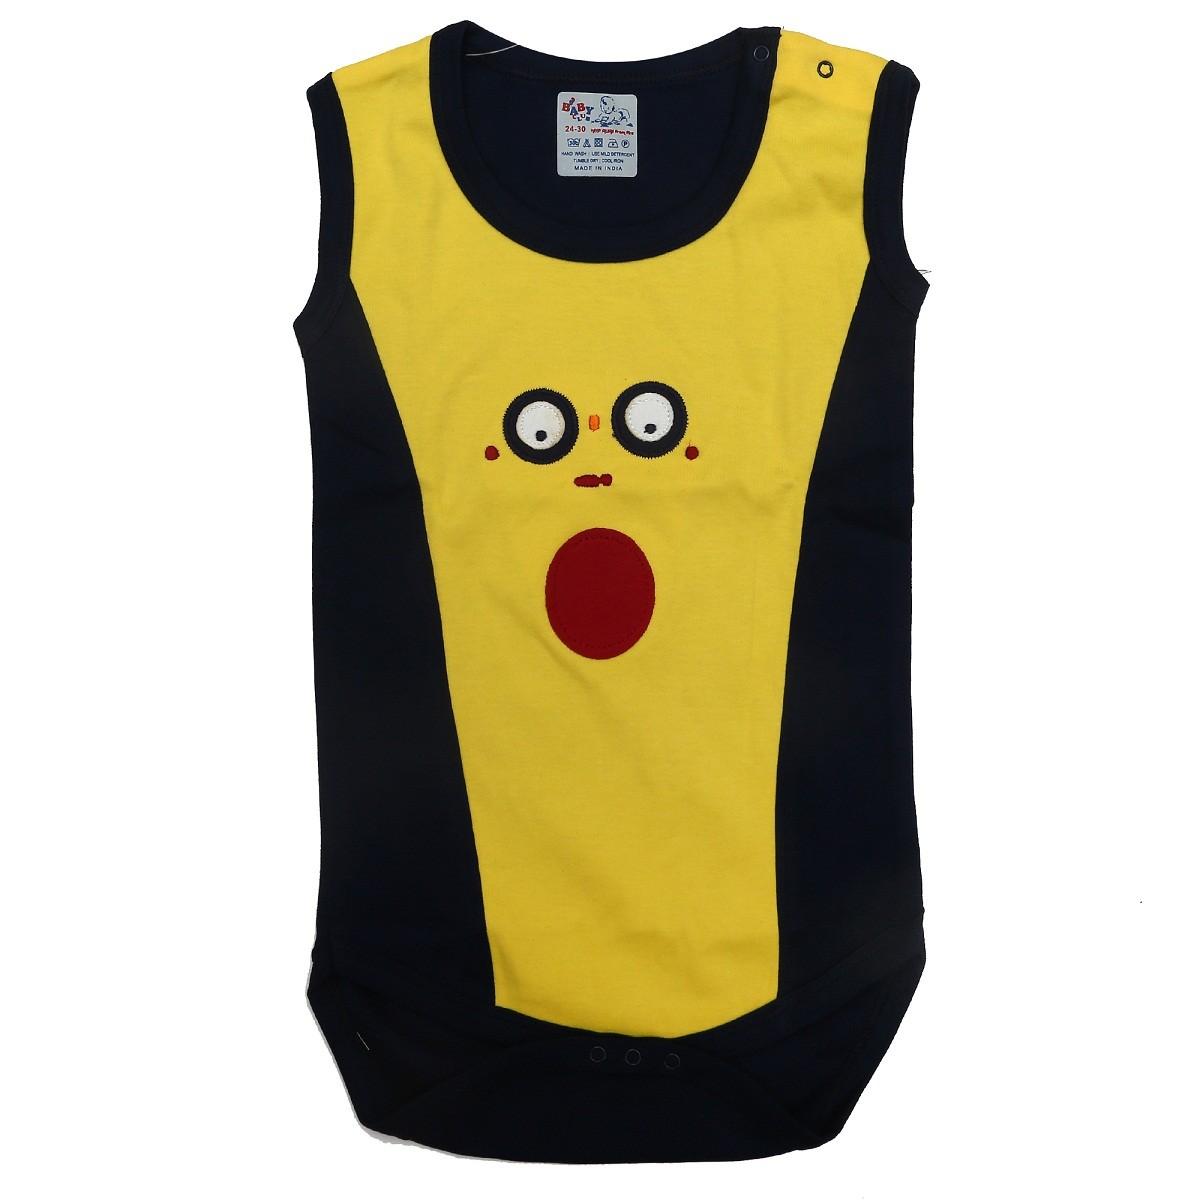 39a6e9dcb102 Kaboos 100% Cotton Designer Bodysuit For Baby Boys